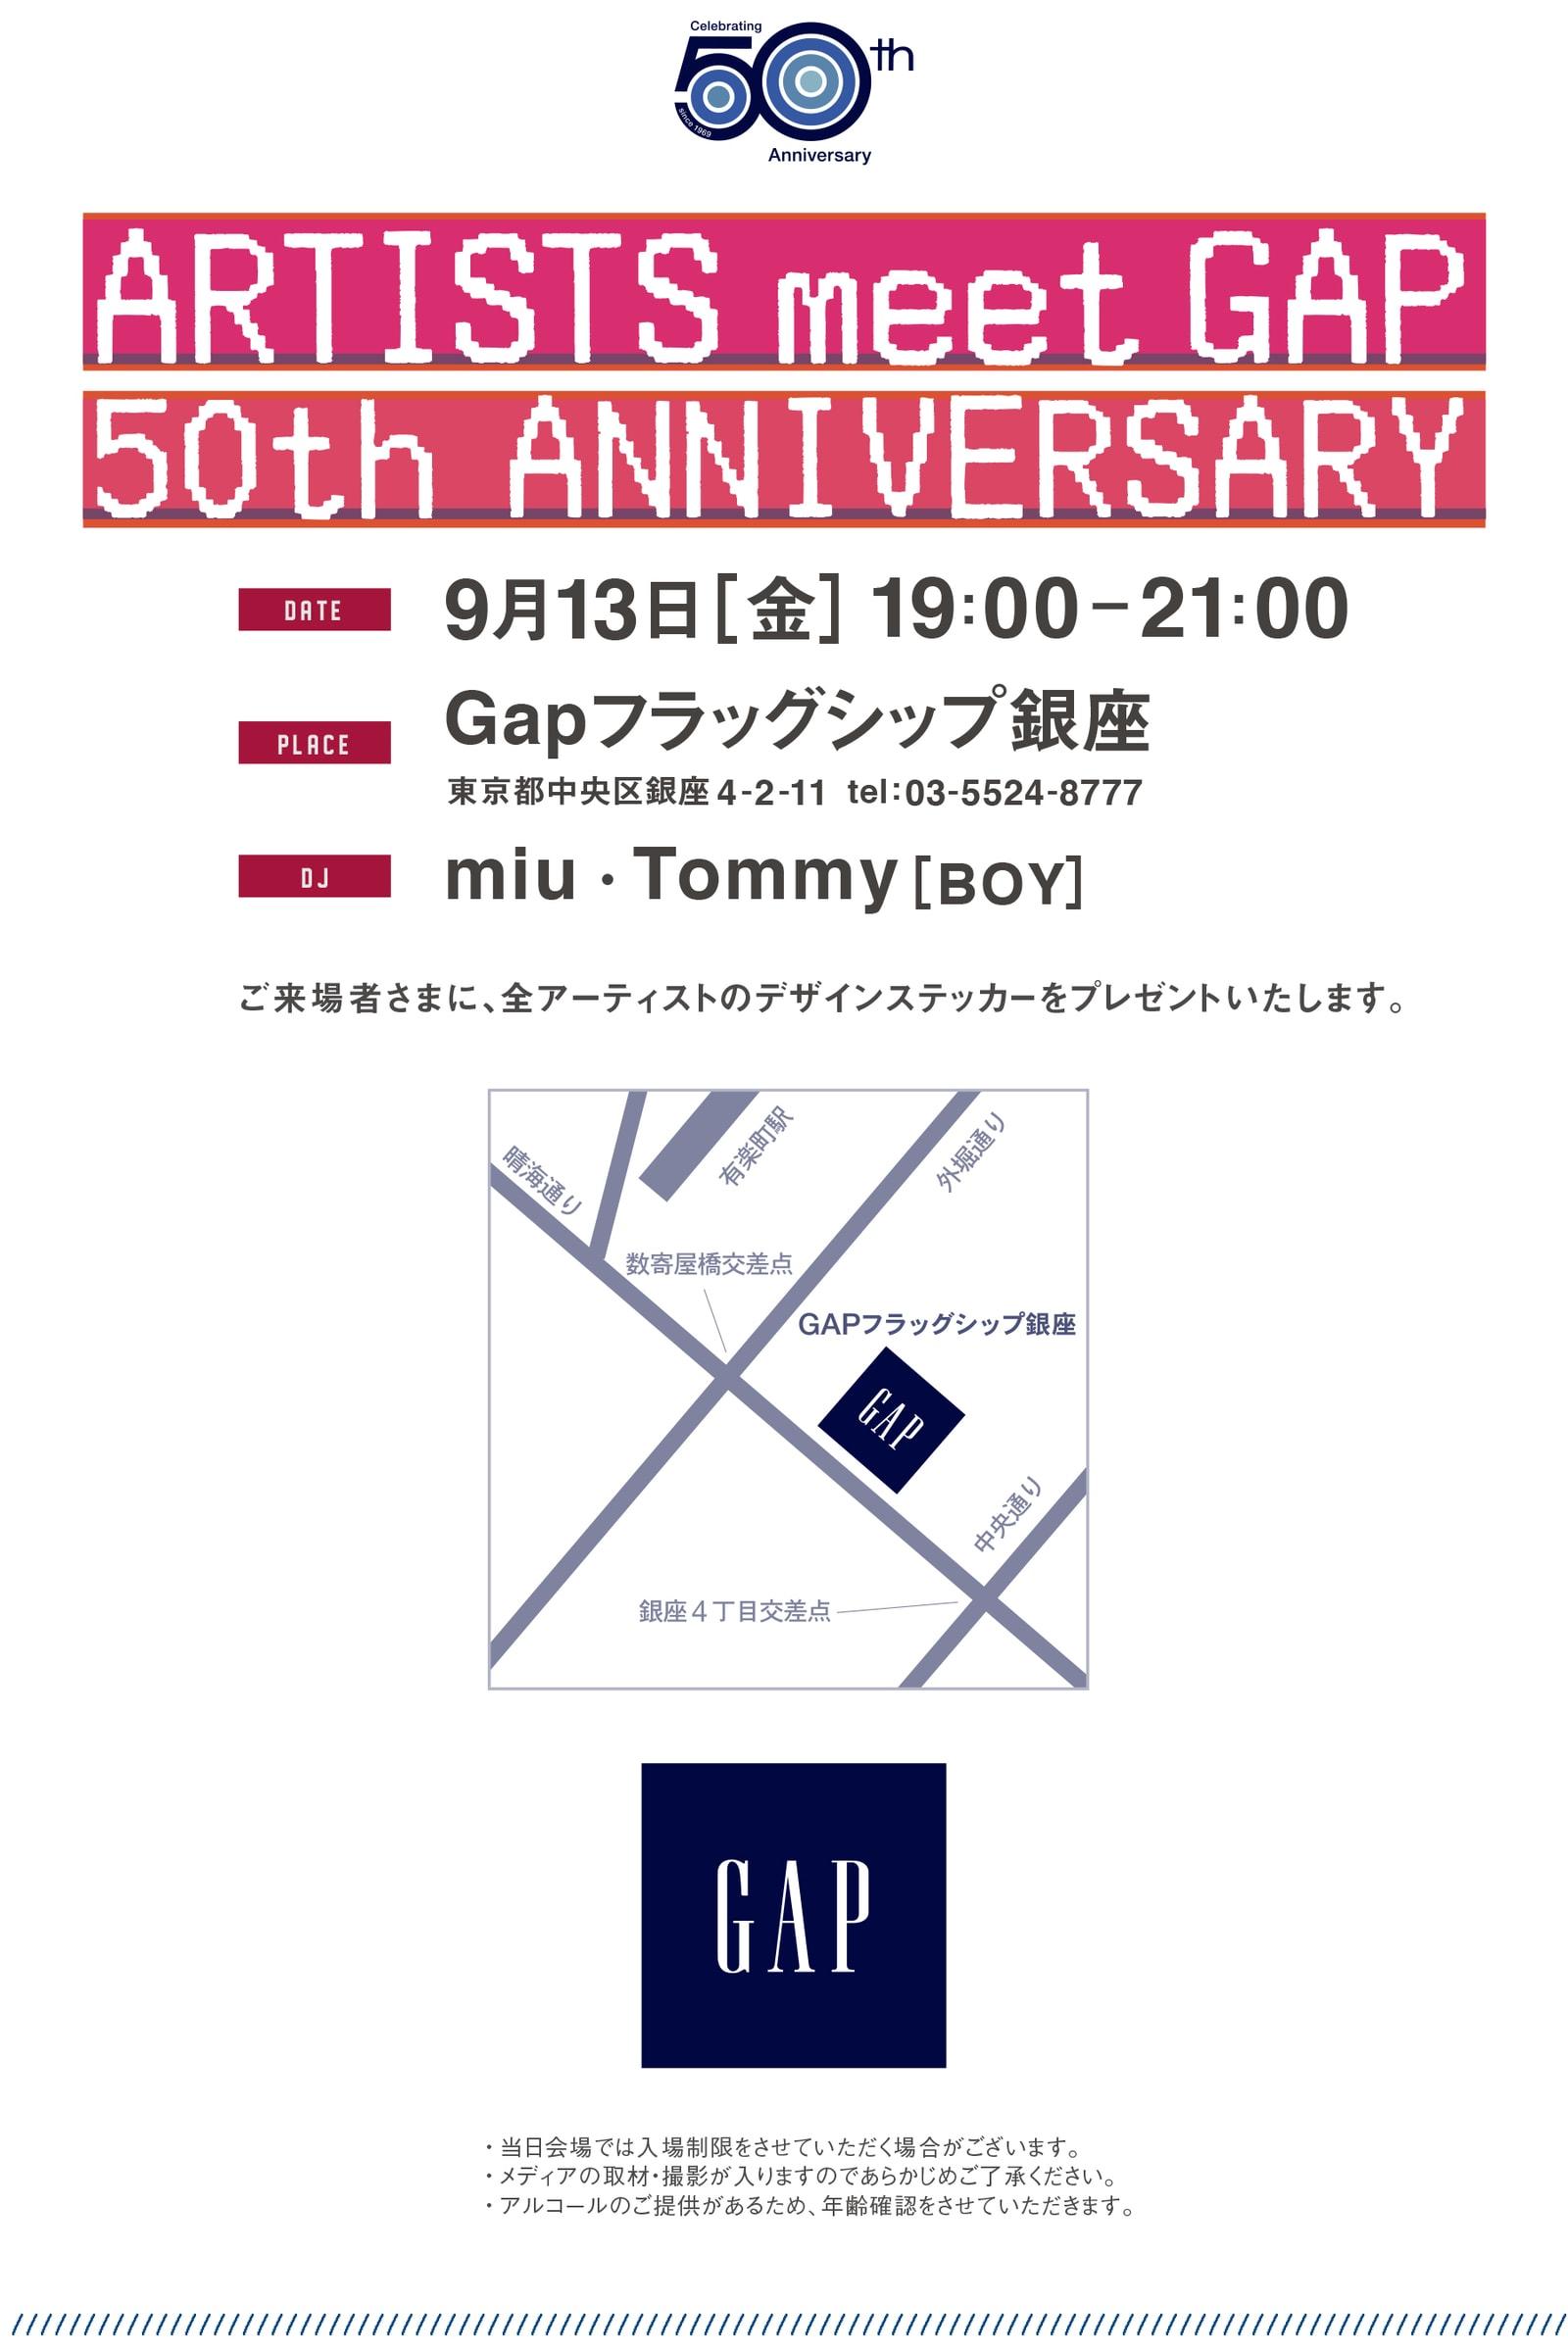 Gap ギャップ ジーンズ デニム 70年代 ヒッピー 80年代 ワークウェア 90年代 廃墟 Denim Through the Decades デニム スルー ザ ディケーズ